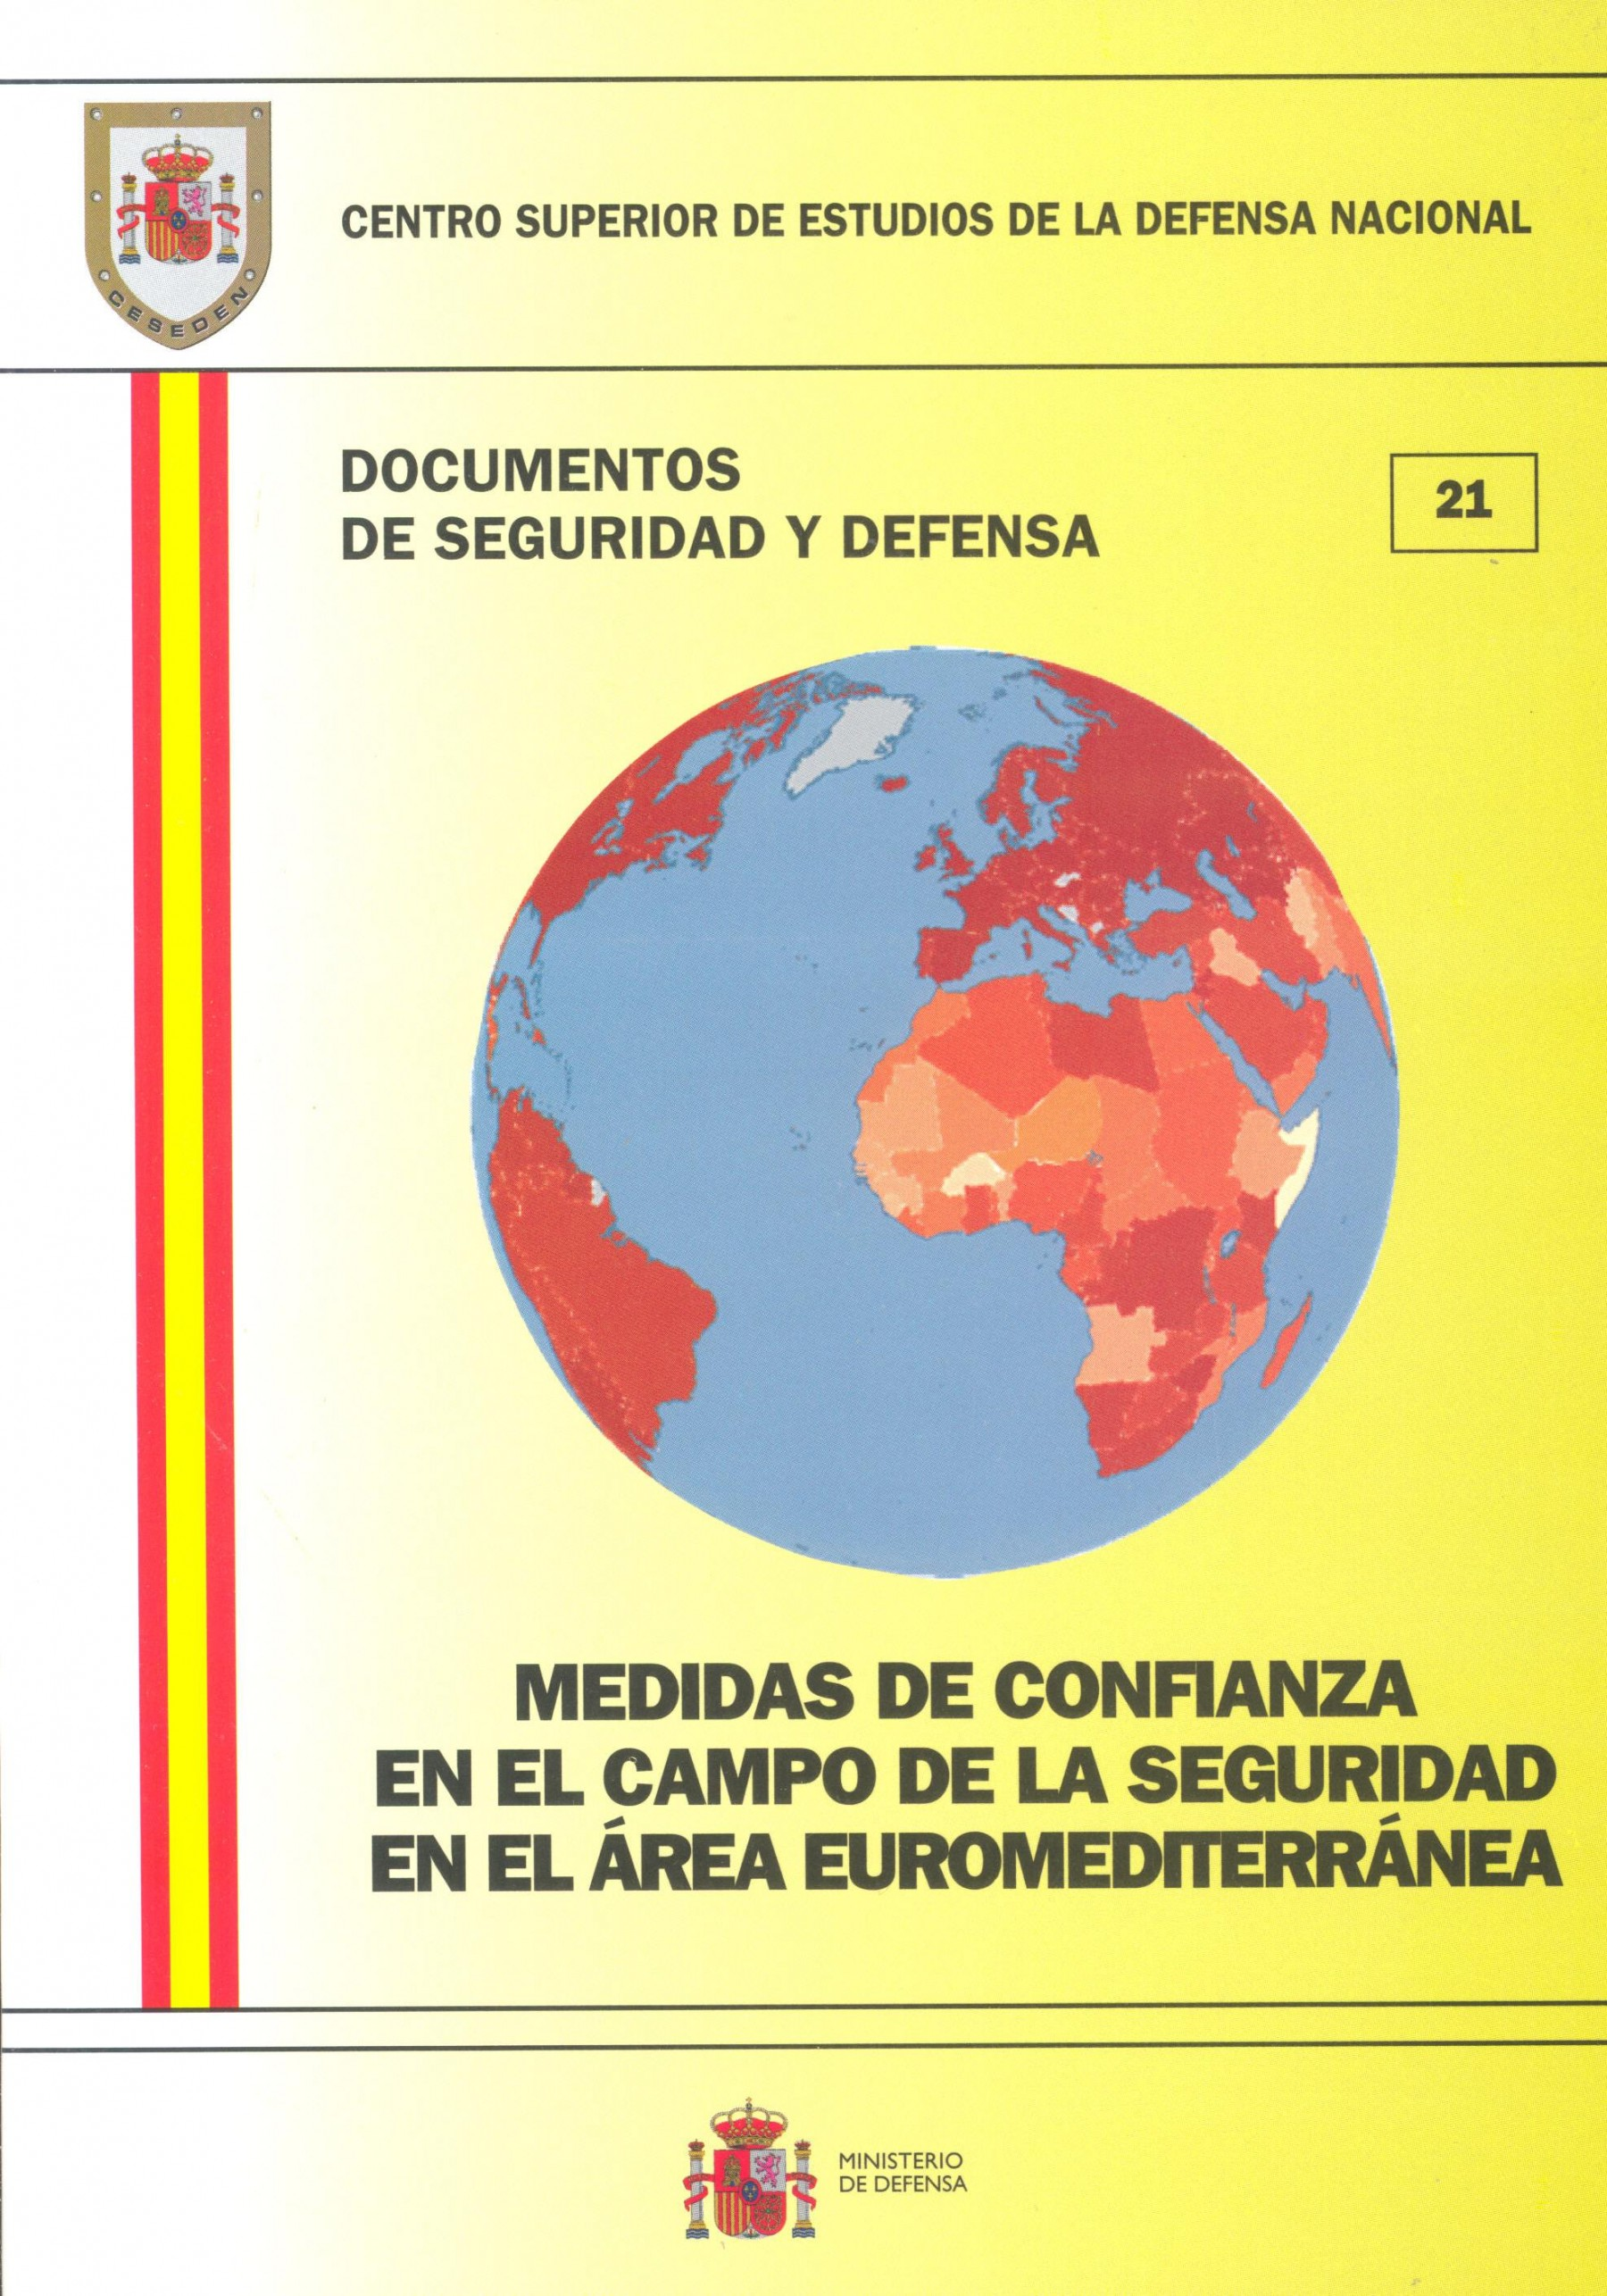 MEDIDAS DE CONFIANZA EN EL CAMPO DE LA SEGURIDAD EN EL ÁREA EUROMEDITERRÁNEA